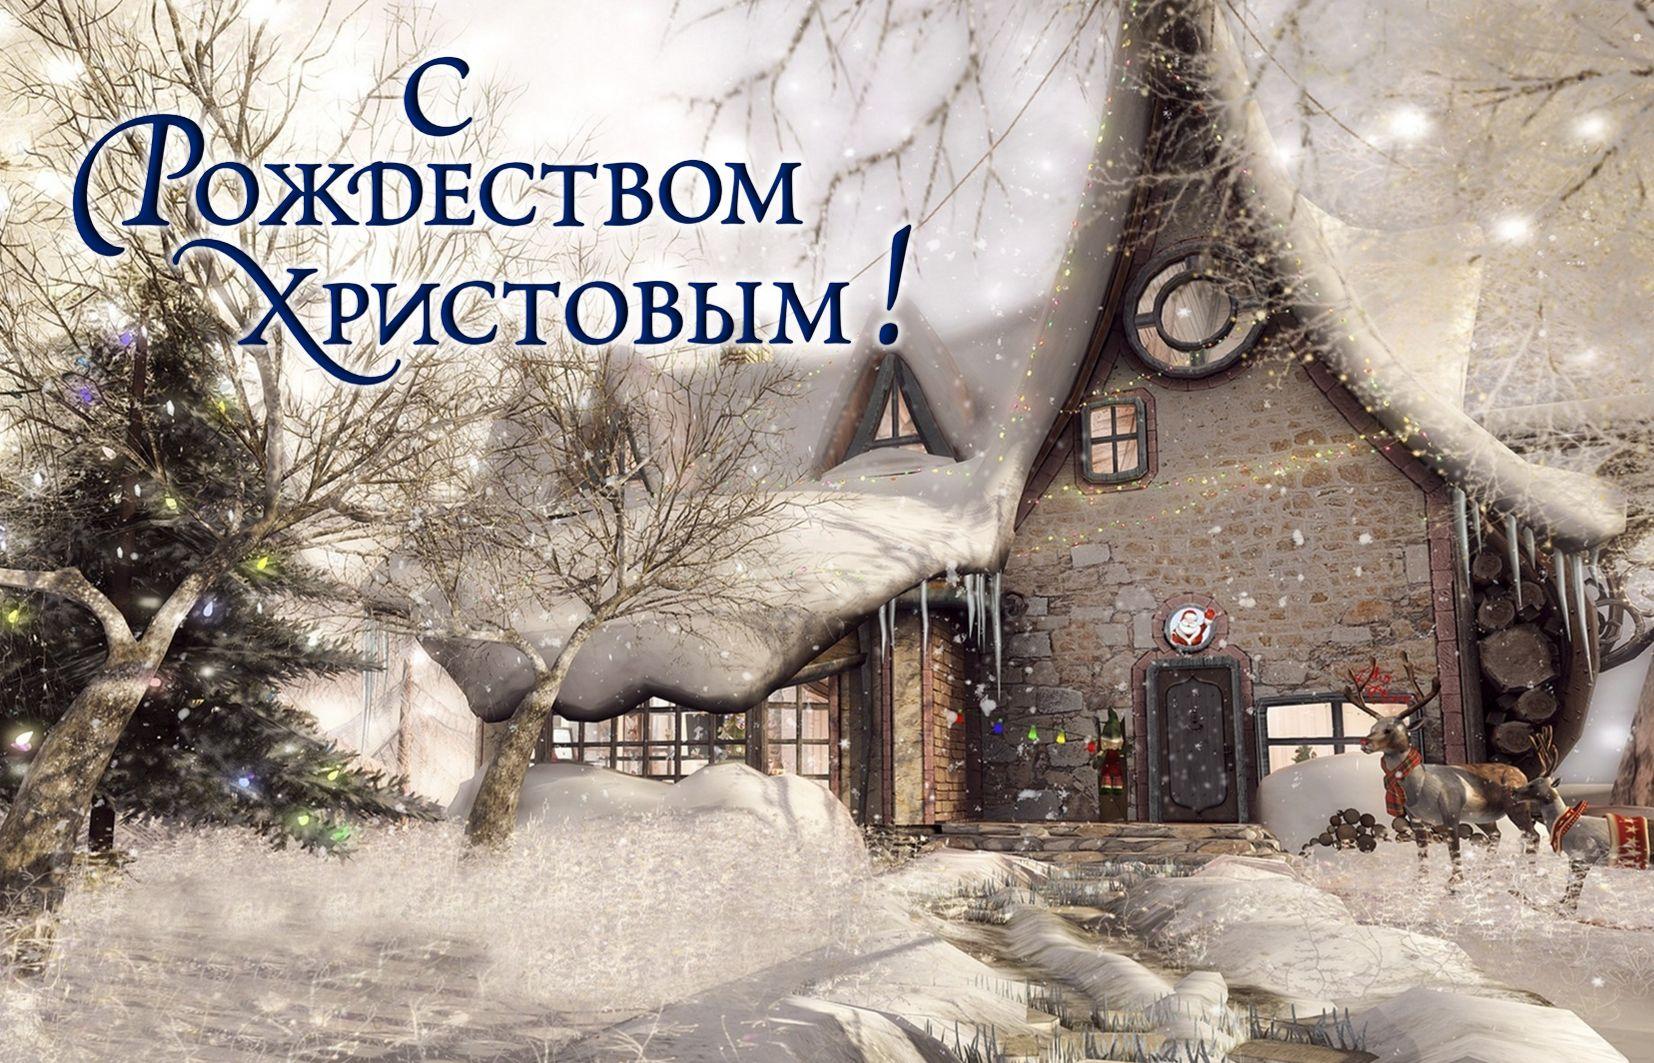 https://bonnycards.ru/images/rozhdestvo/rozhdestvo0018.jpg